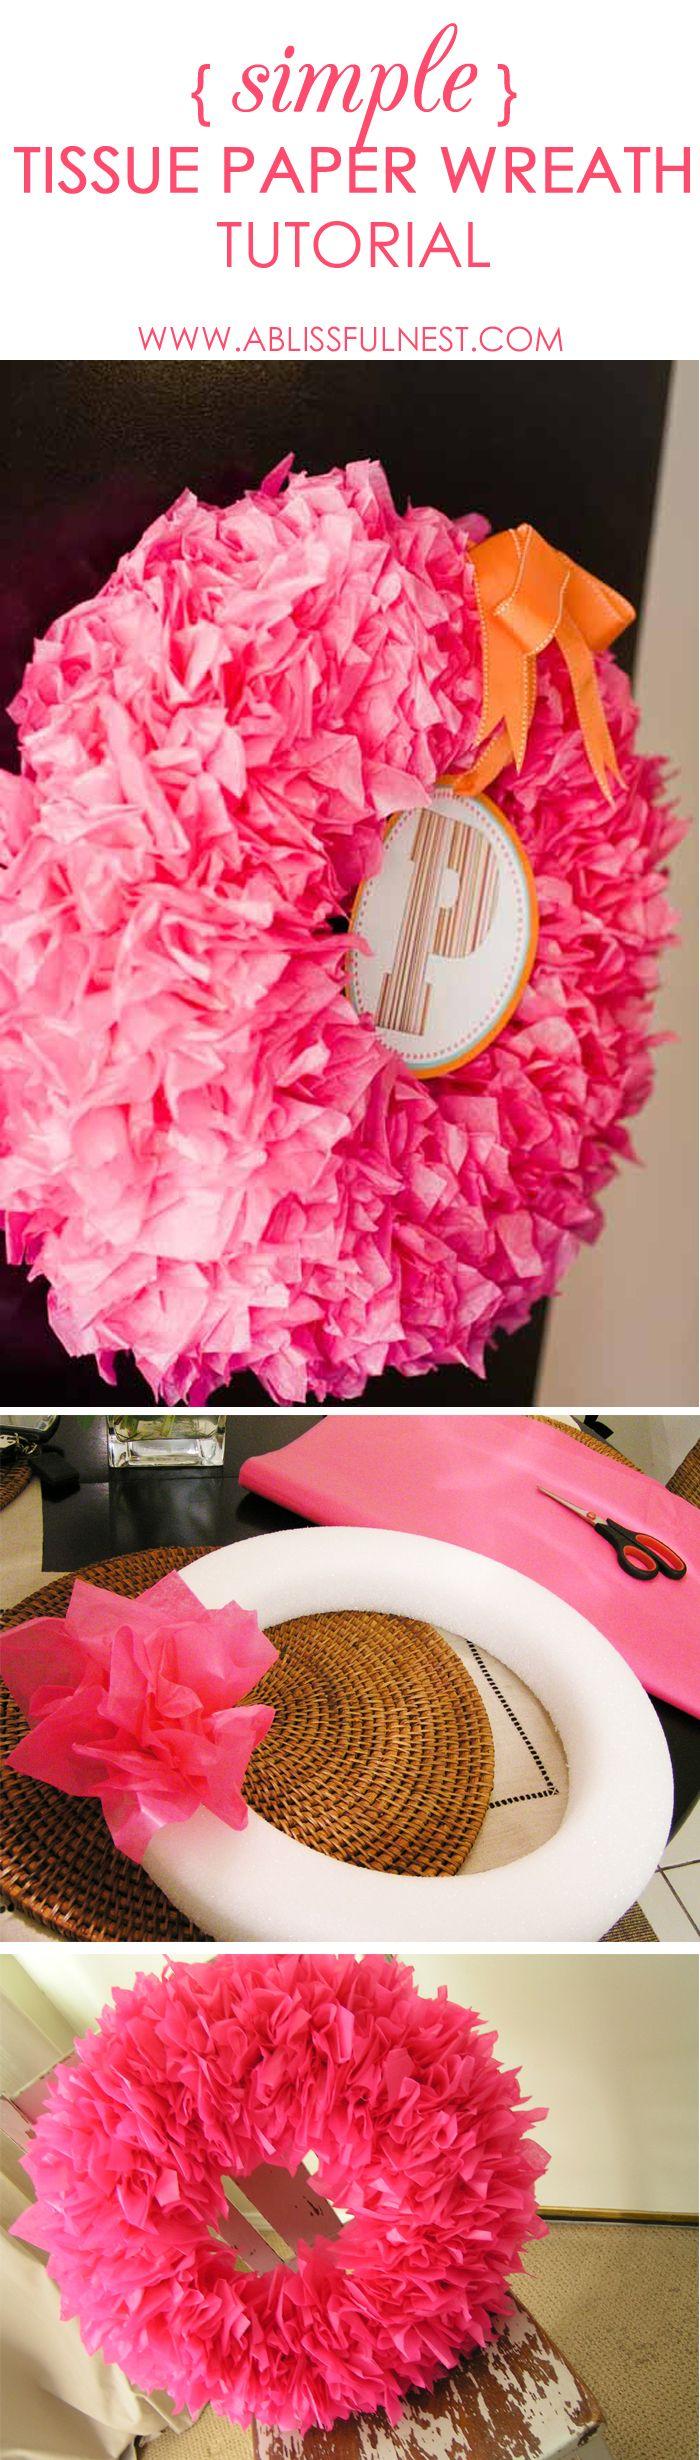 Tissue Paper Wreath Tutorial Tissue paper wreaths